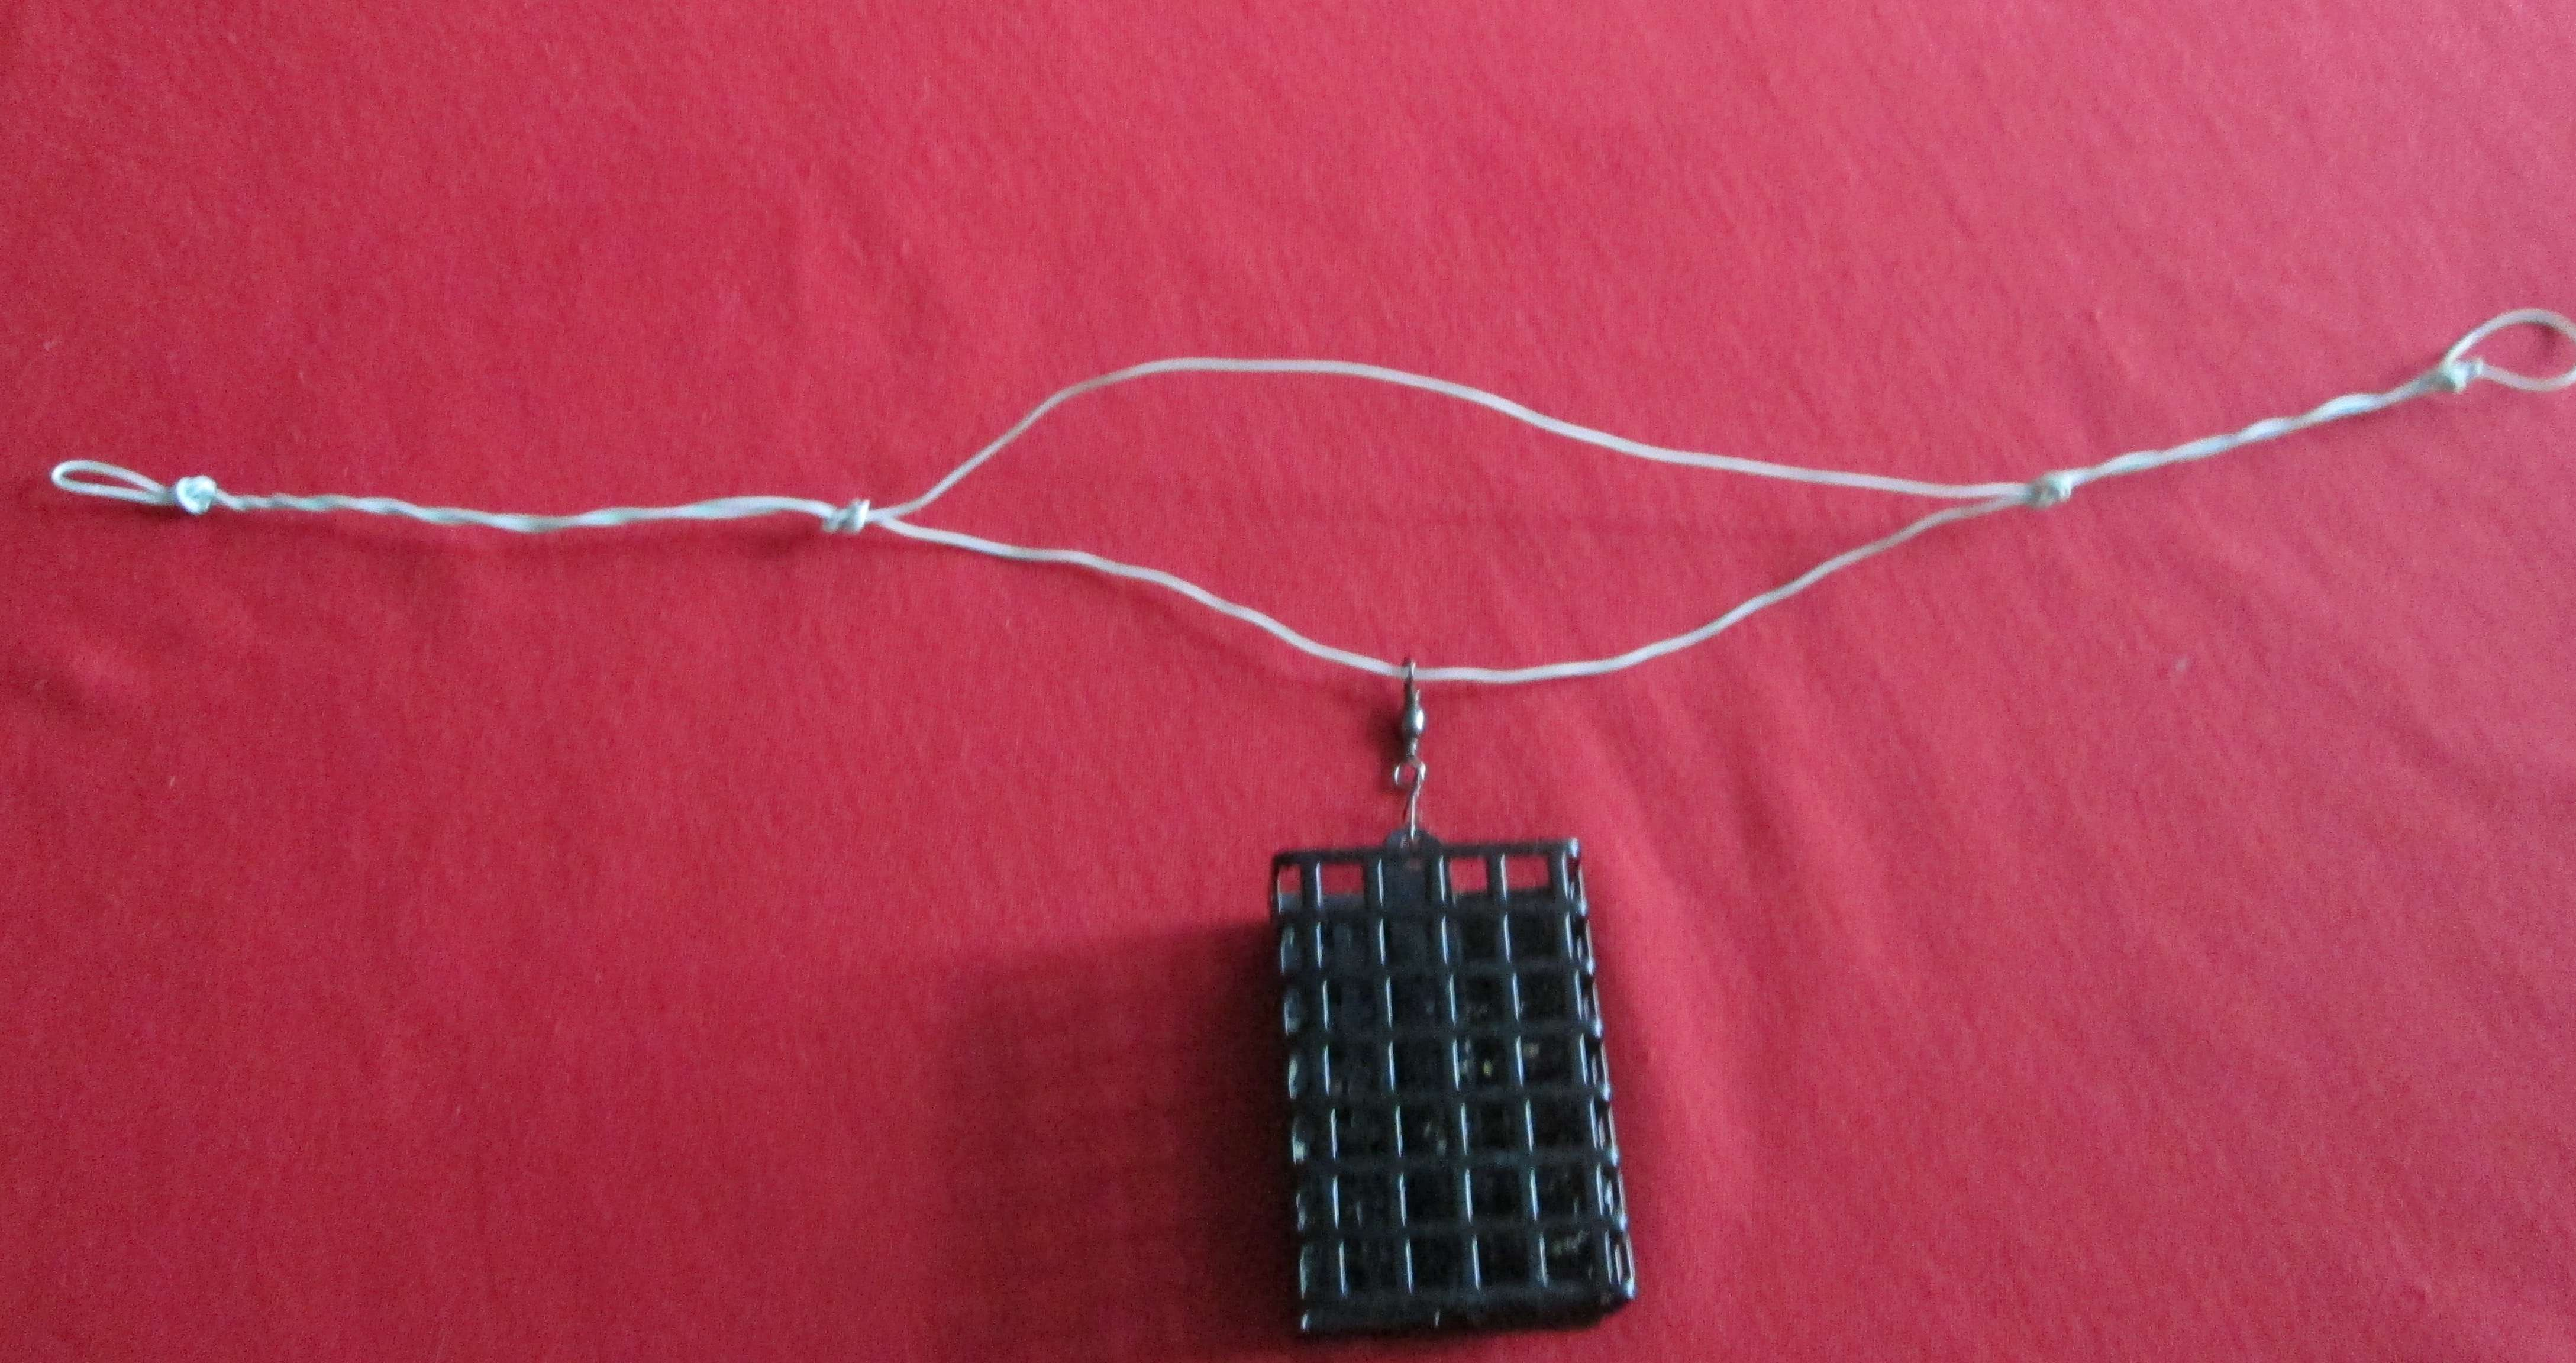 Как связать симметричную петлю для фидера?